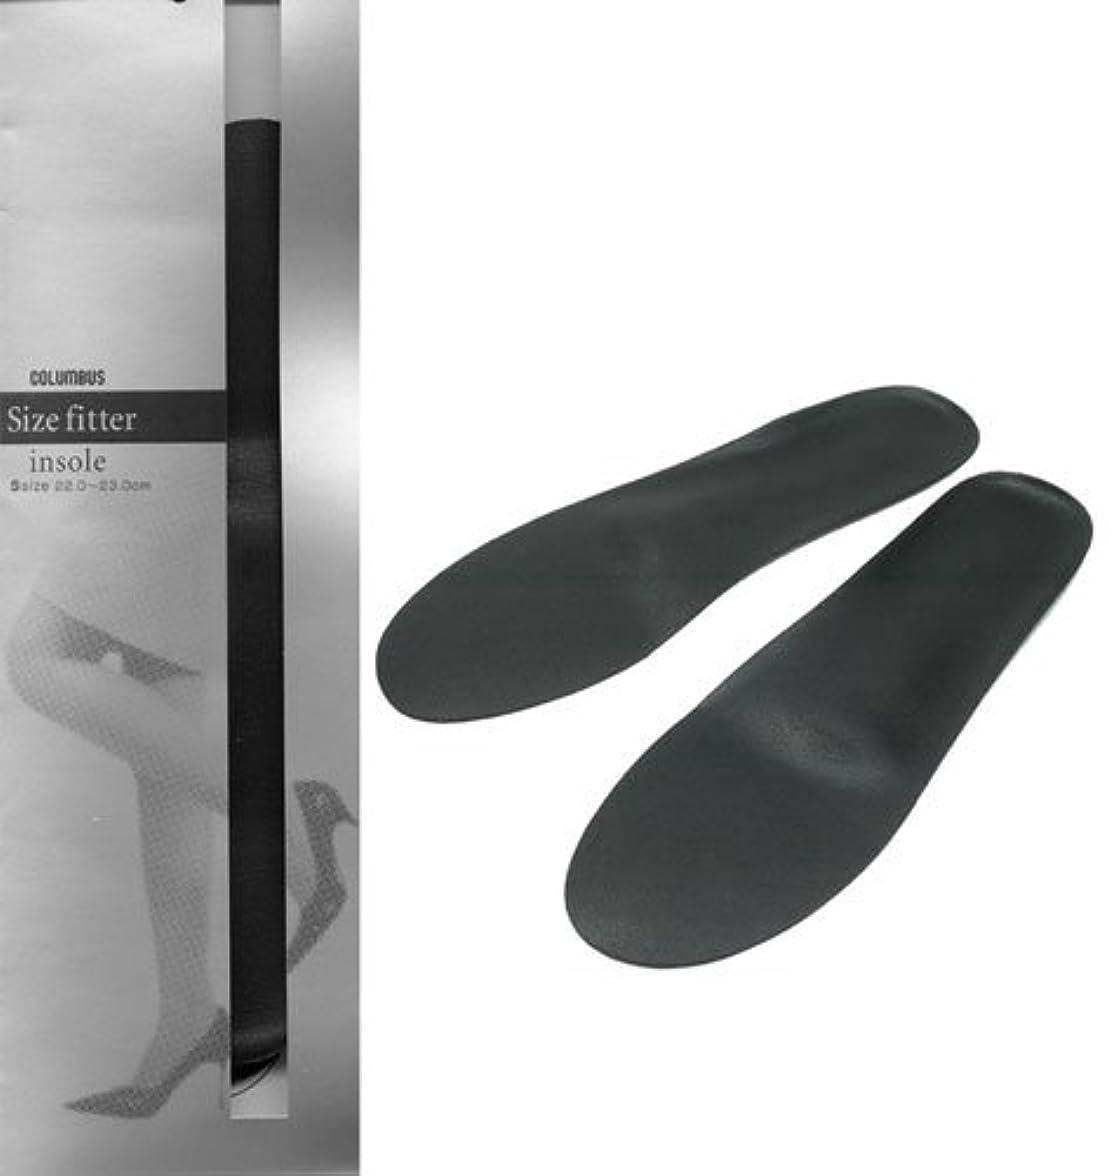 慎重切手準備するコロンブス フットソリューション サイズフィッターインソール 女性用 Sサイズ(22.0~23.0cm)